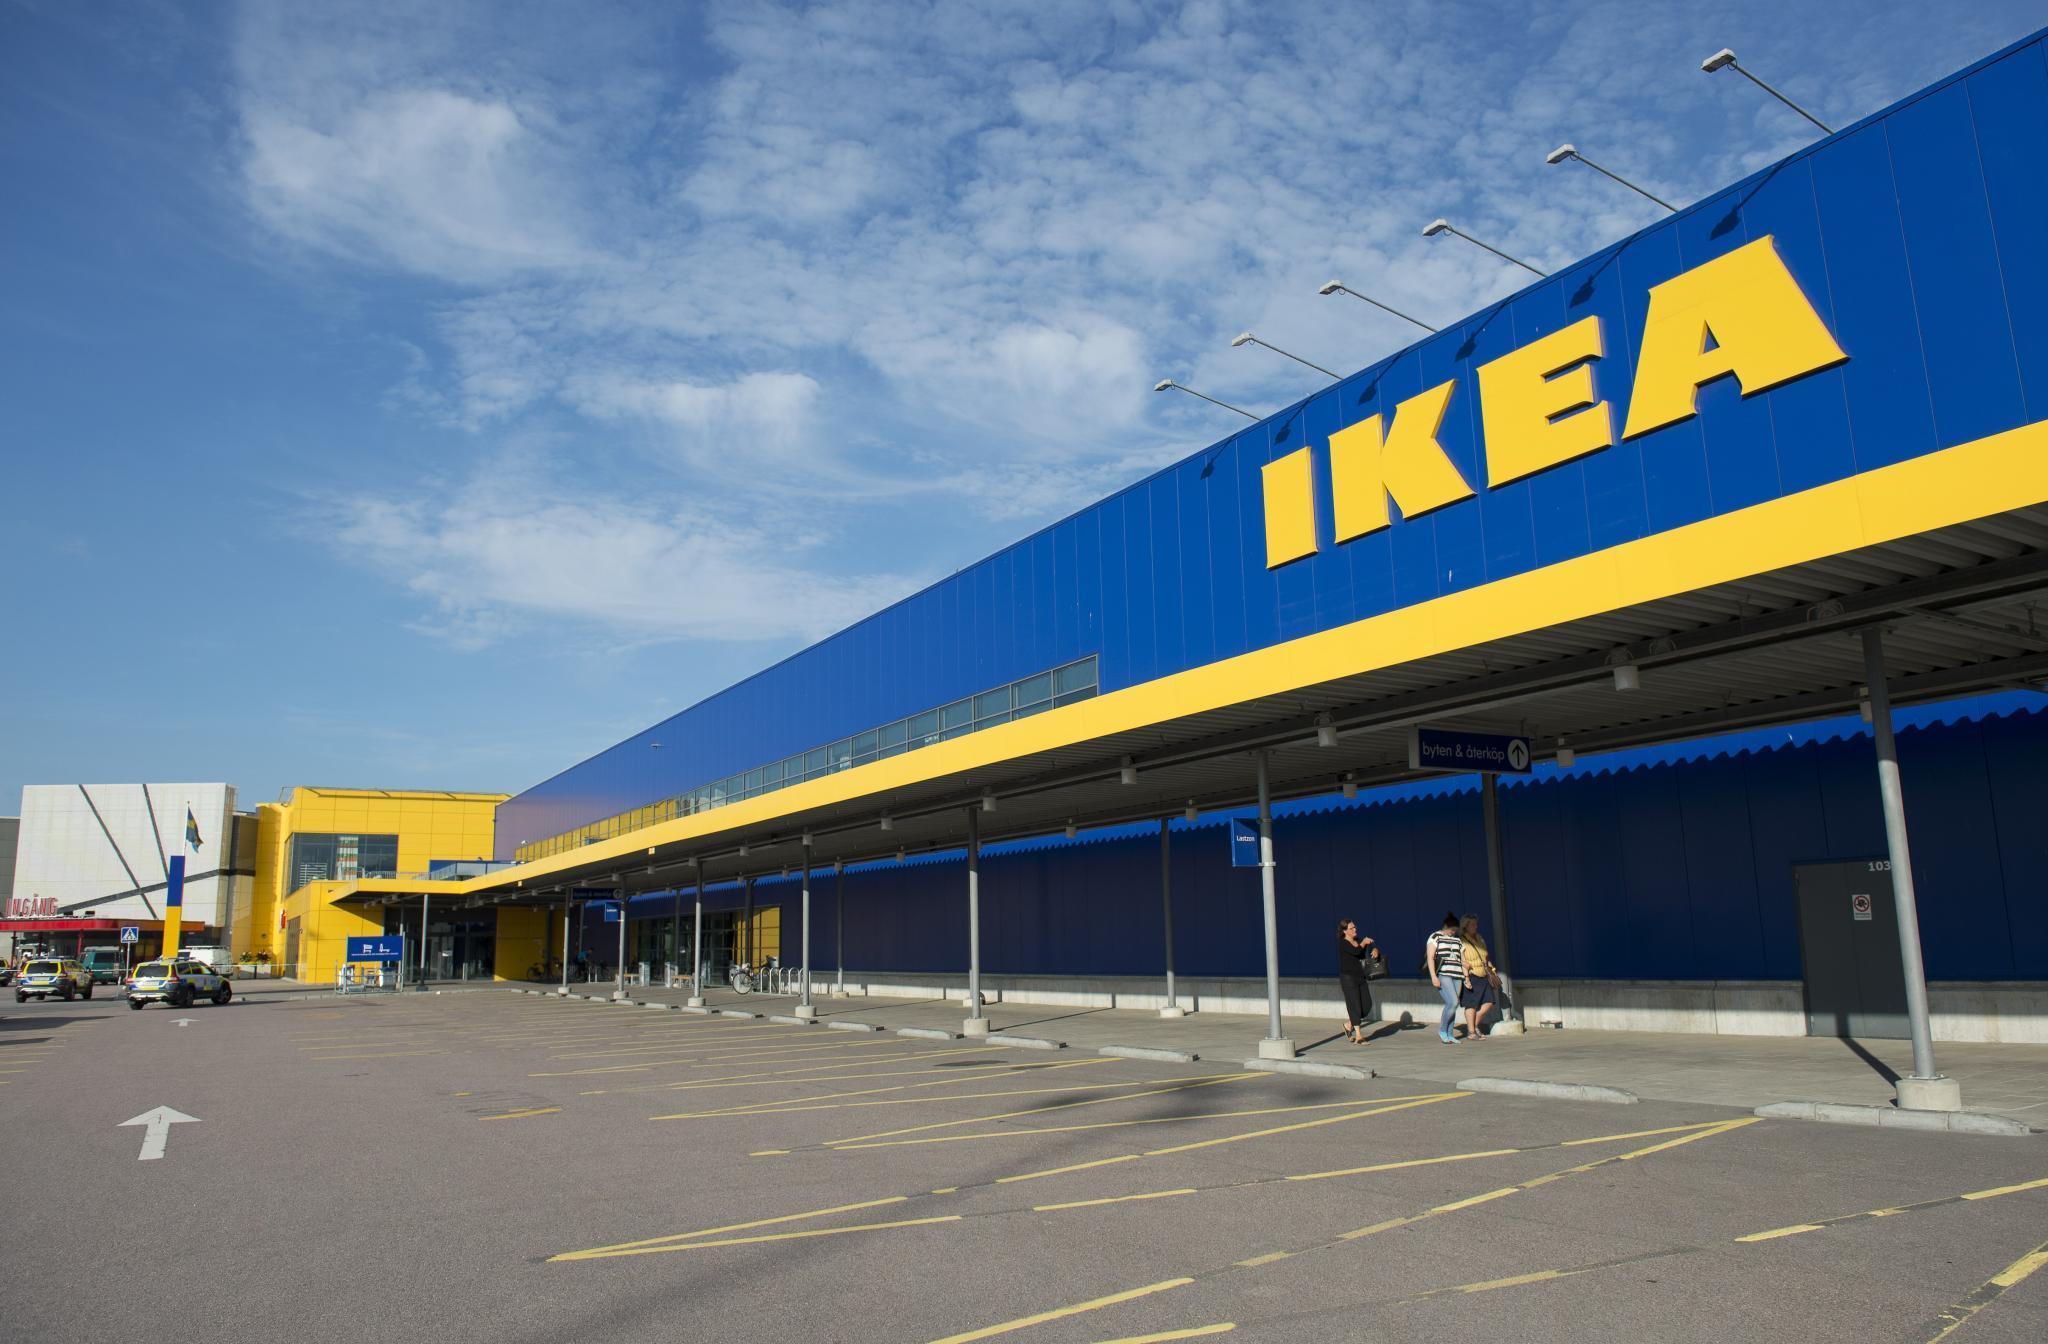 Full Size of Sunnersta Ikea Kche Fr 100 Euro Galade Küche Mit Elektrogeräten Wandpaneel Glas Holz Weiß Miniküche Einbauküche L Form Aluminium Verbundplatte Werkbank Wohnzimmer Servierwagen Küche Ikea